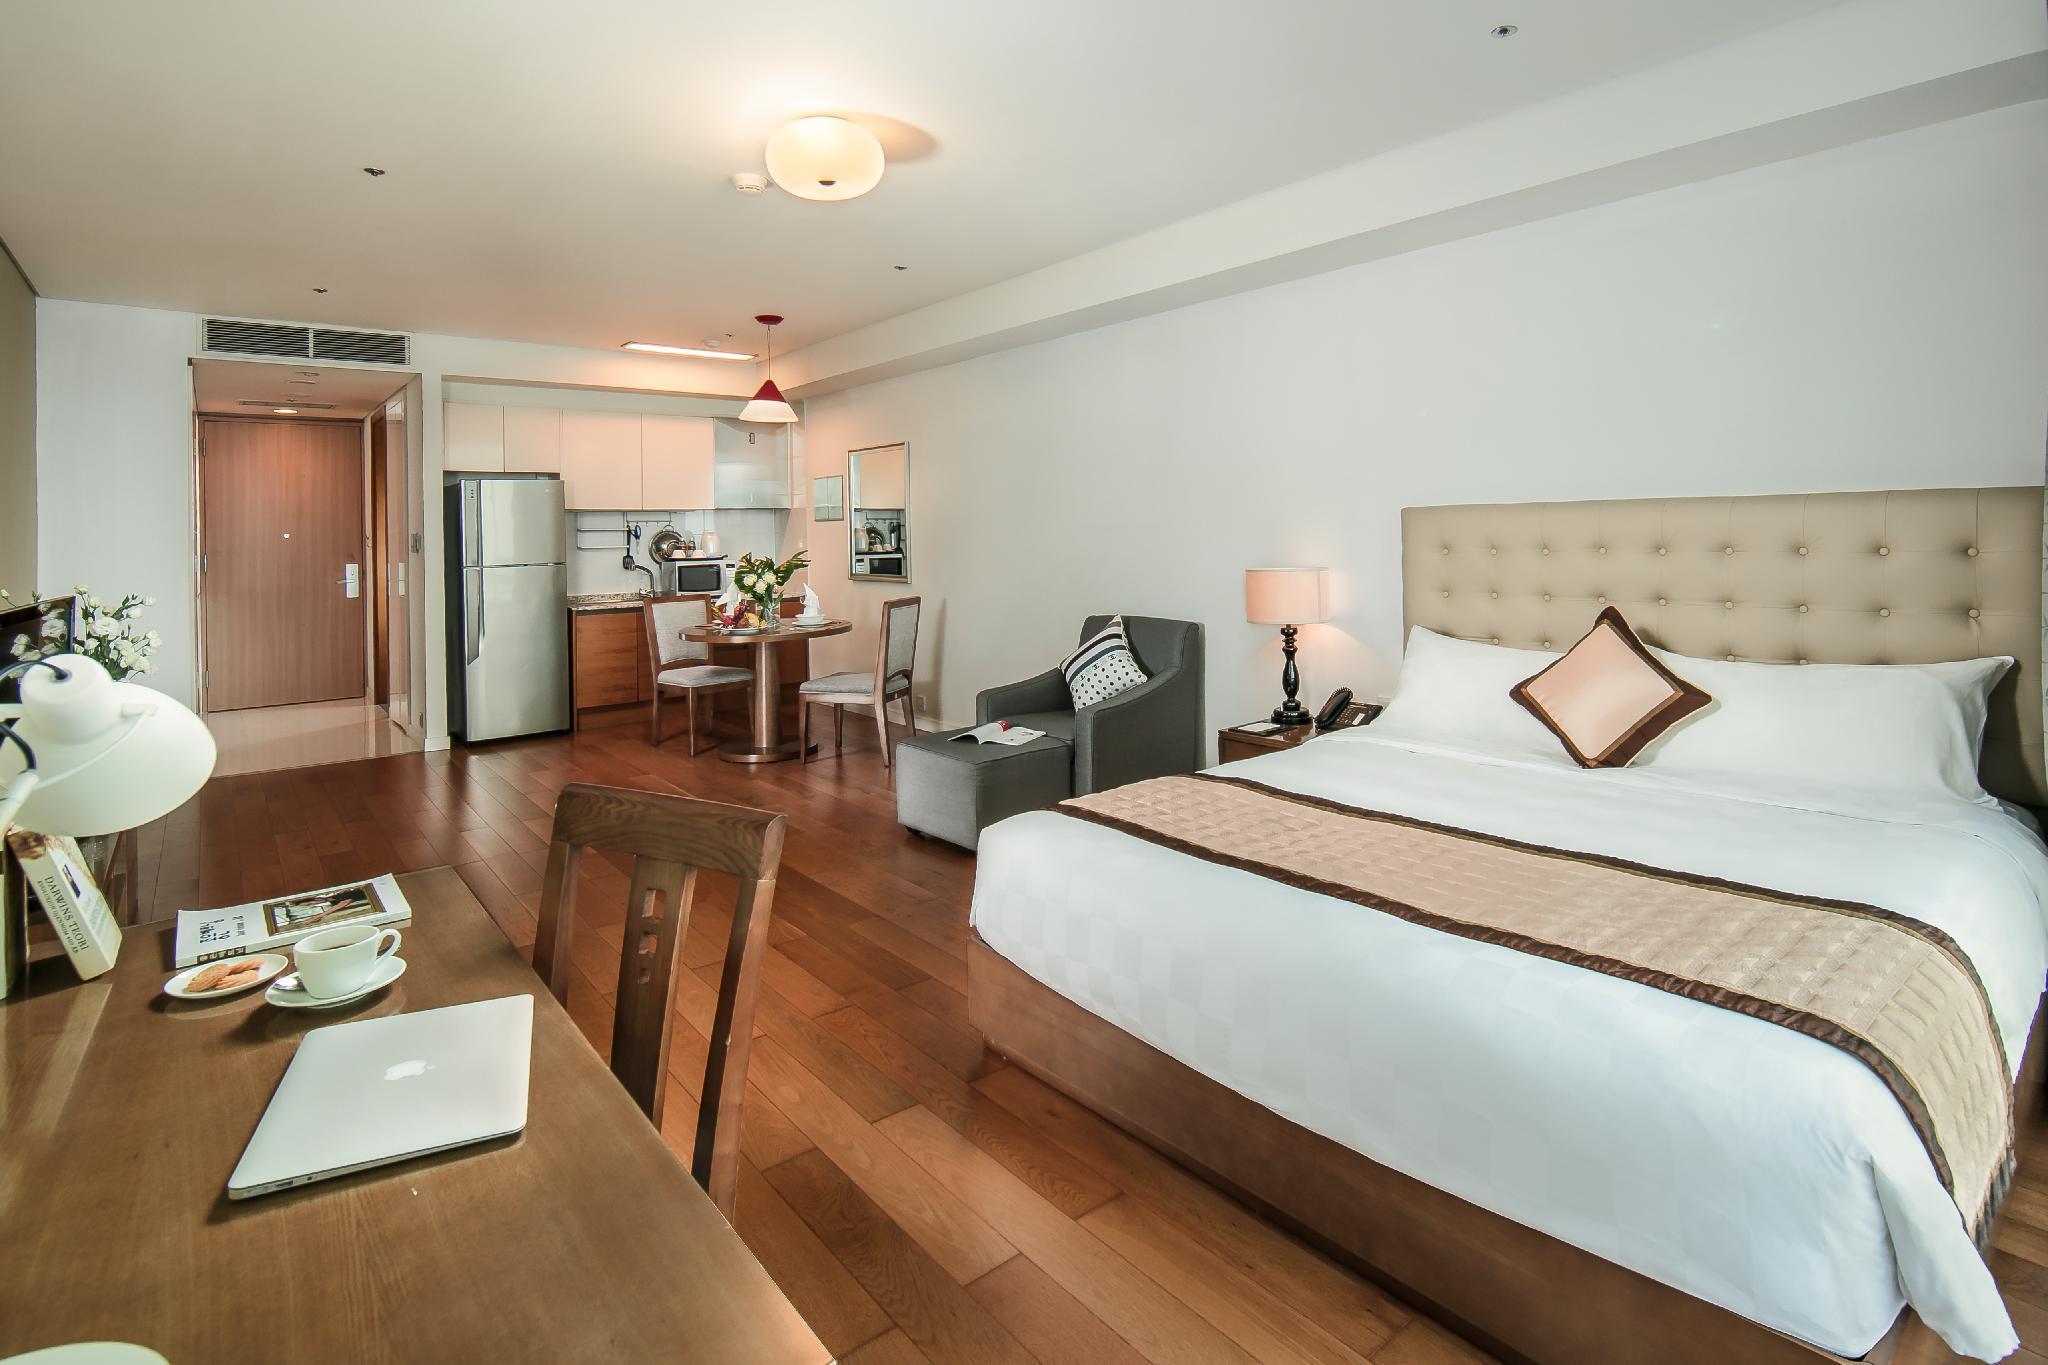 Khách Sạn Calidas Landmark 72 Keangnam Hà Nội